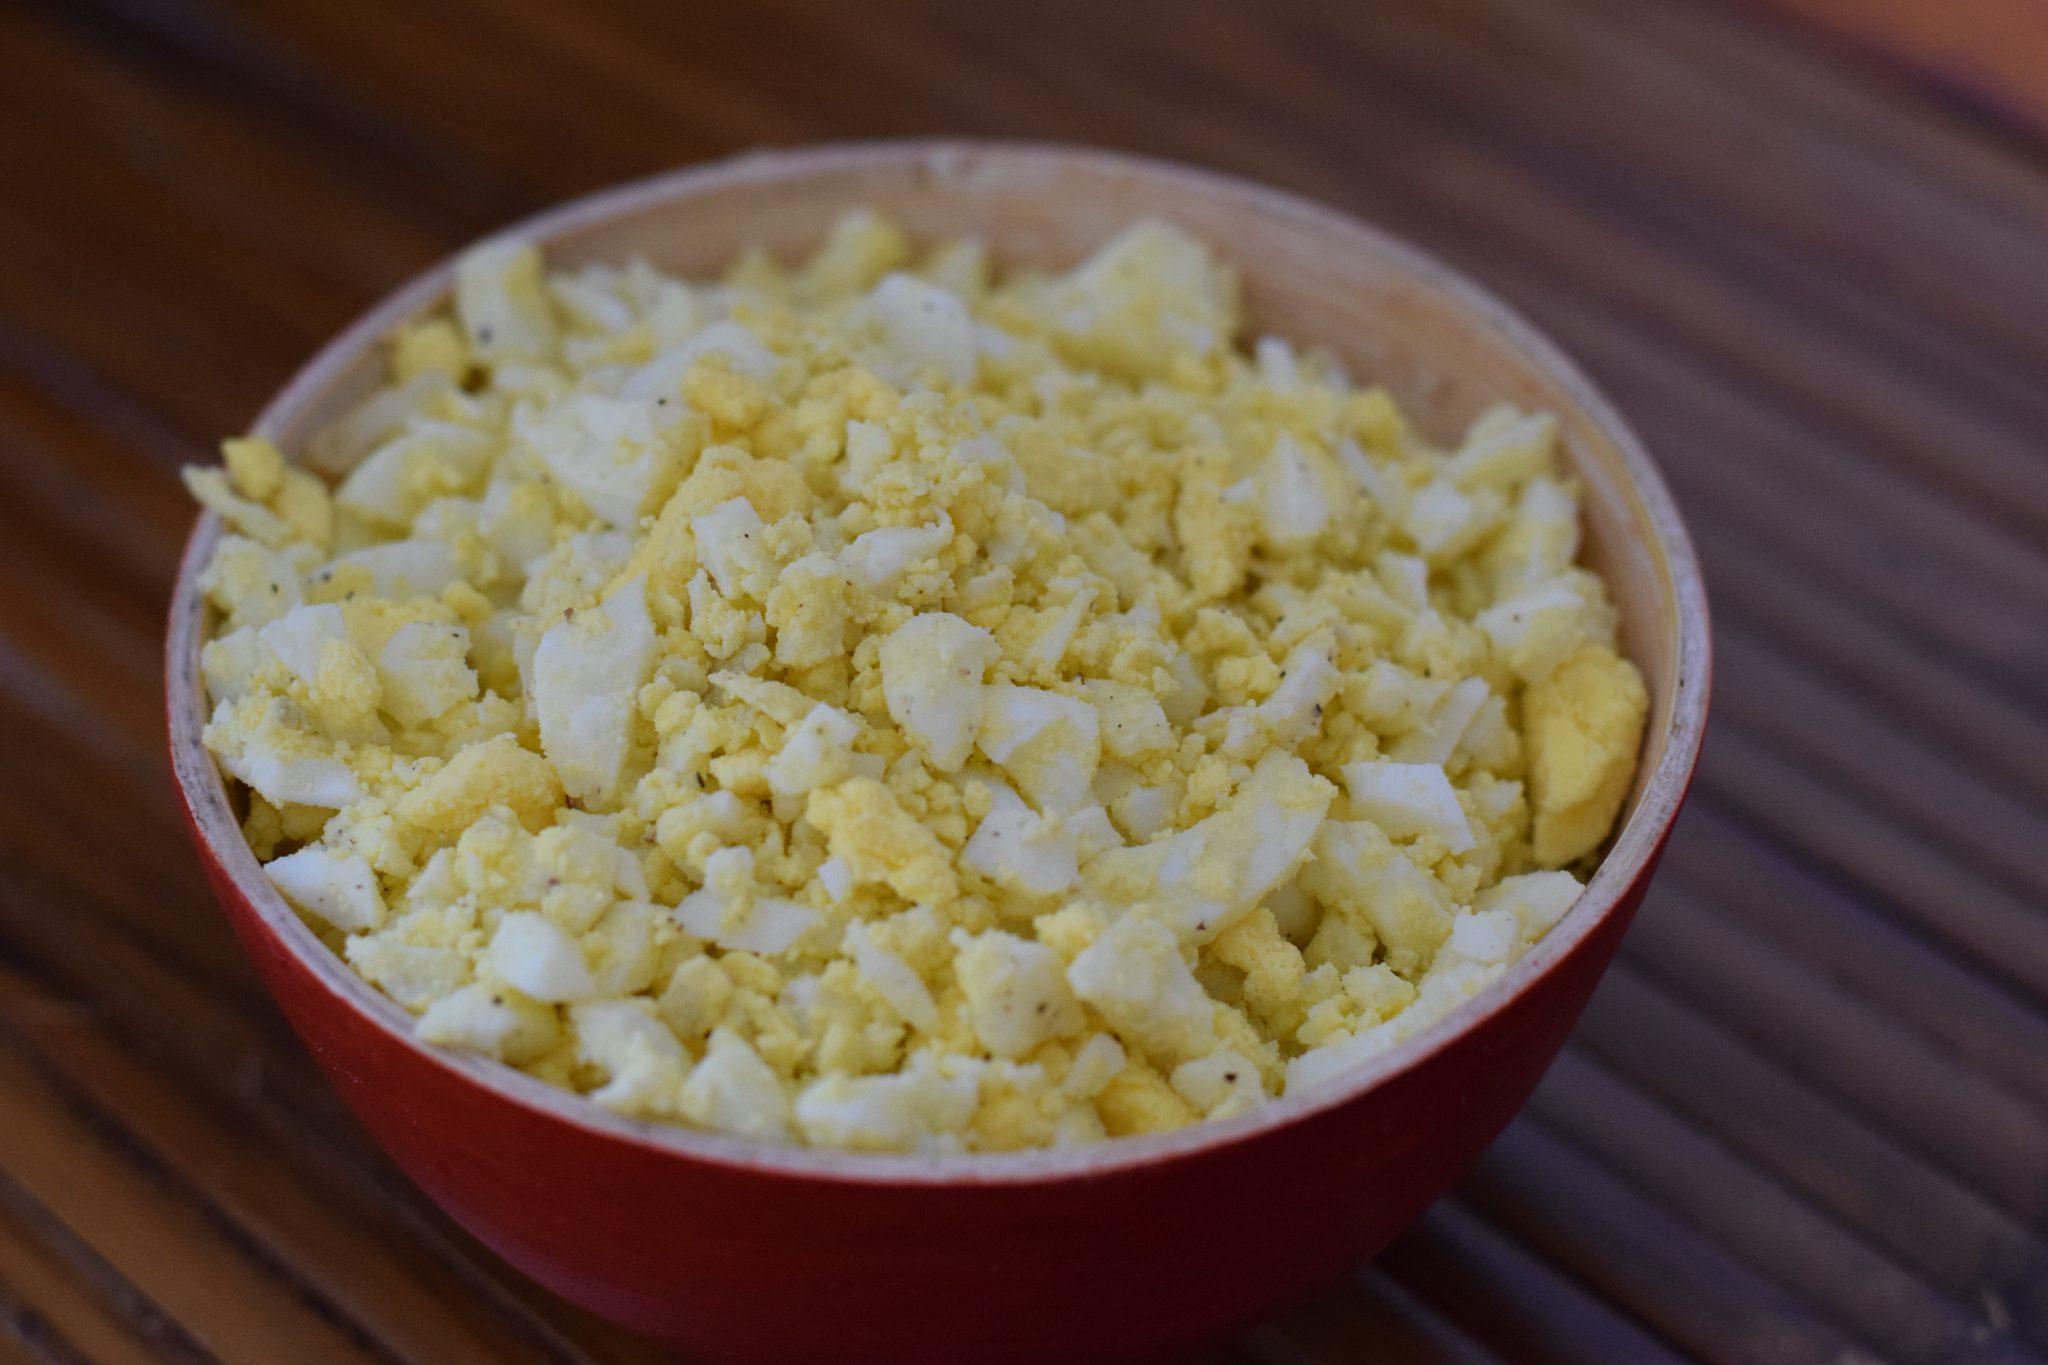 Recept voor Sabih uit Israël - Eieren